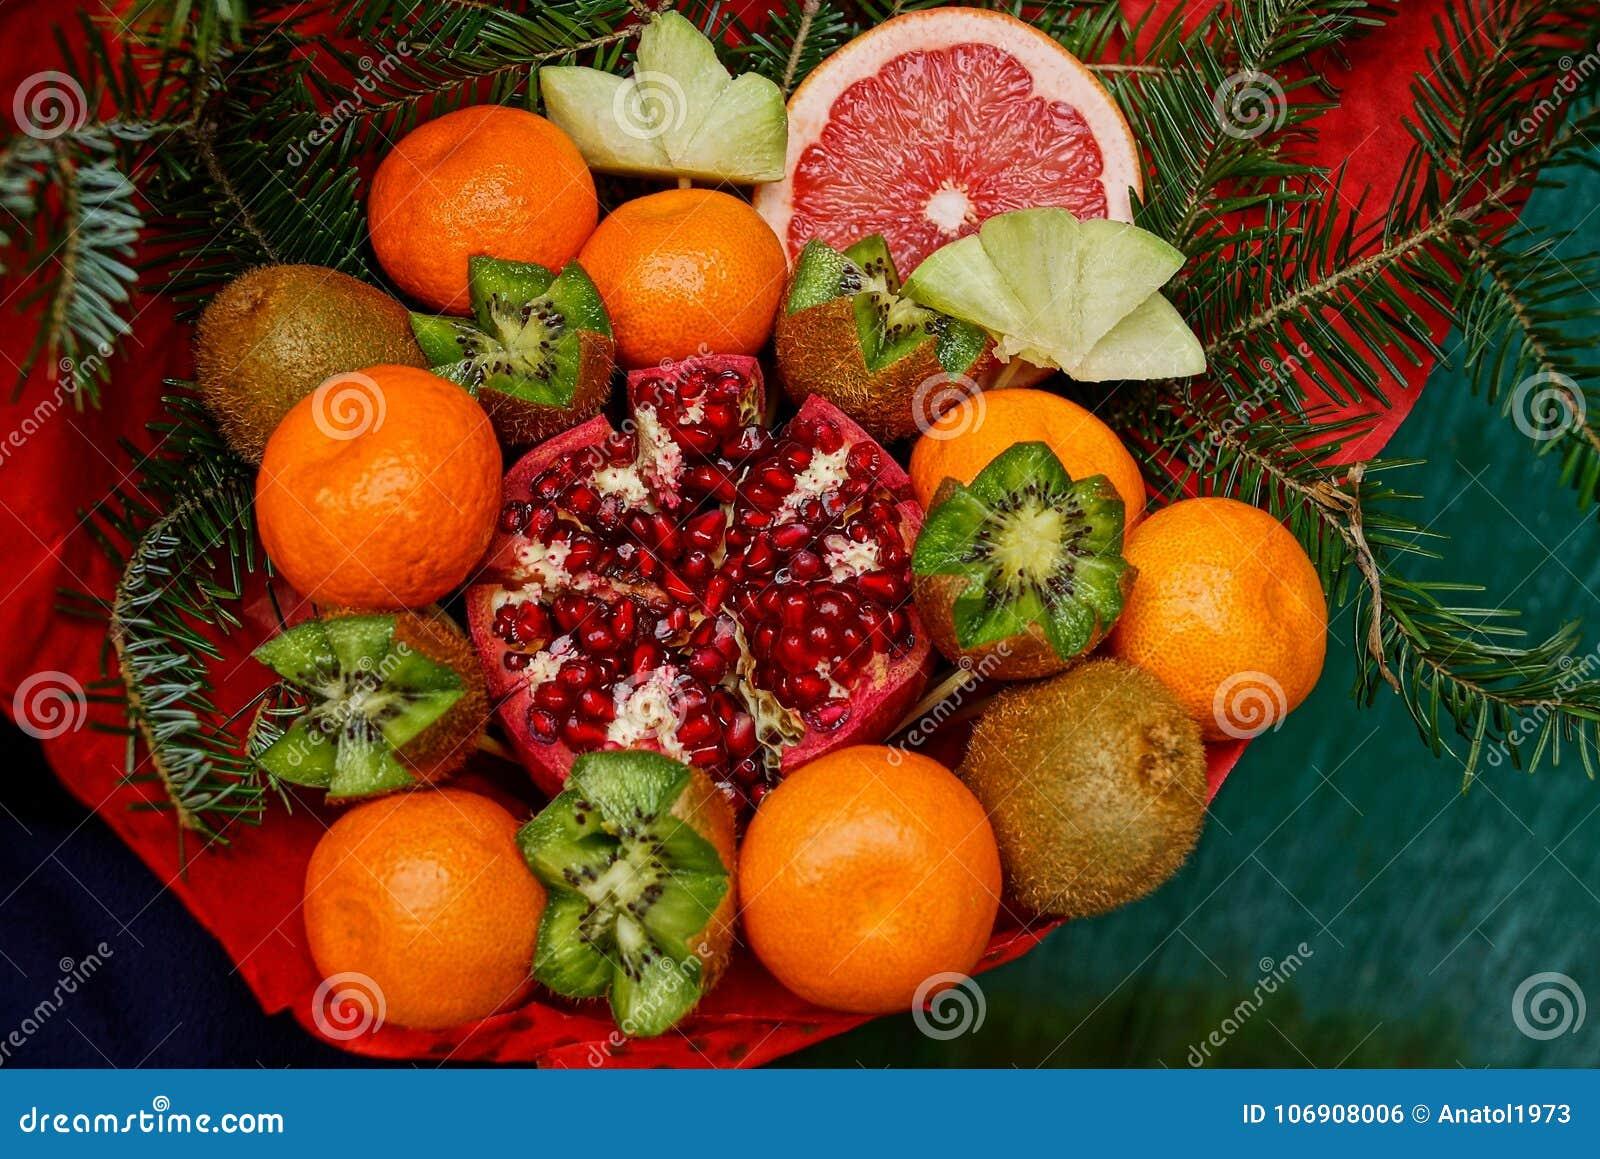 Bukiet świeże owoc i czerwony granatowiec z iglastymi gałąź